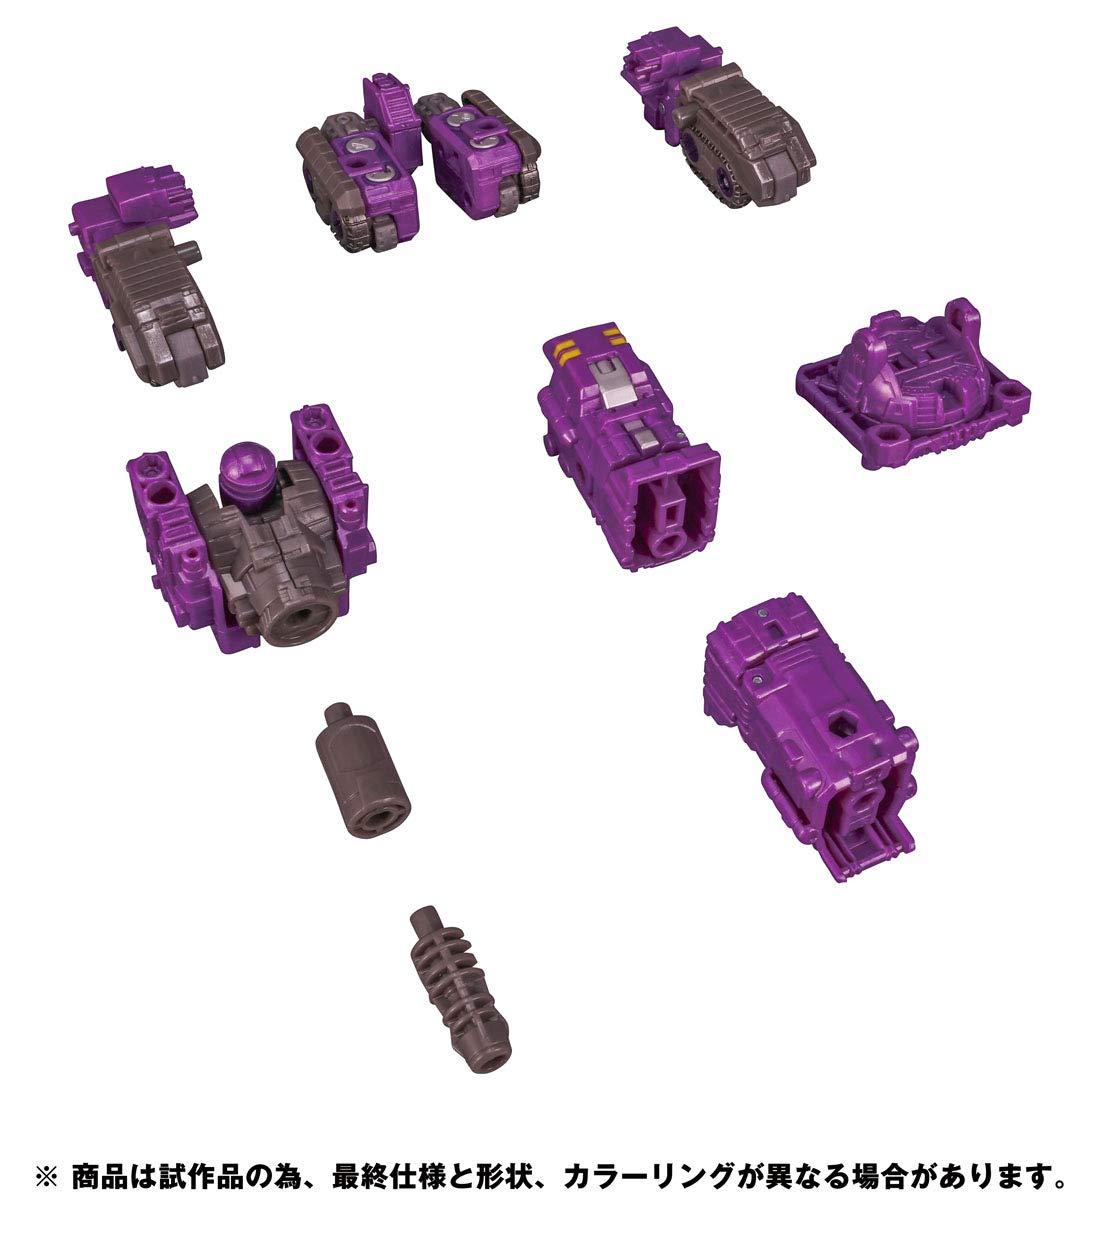 トランスフォーマー シージ『SG-25 ブラント』可変可動フィギュア-004